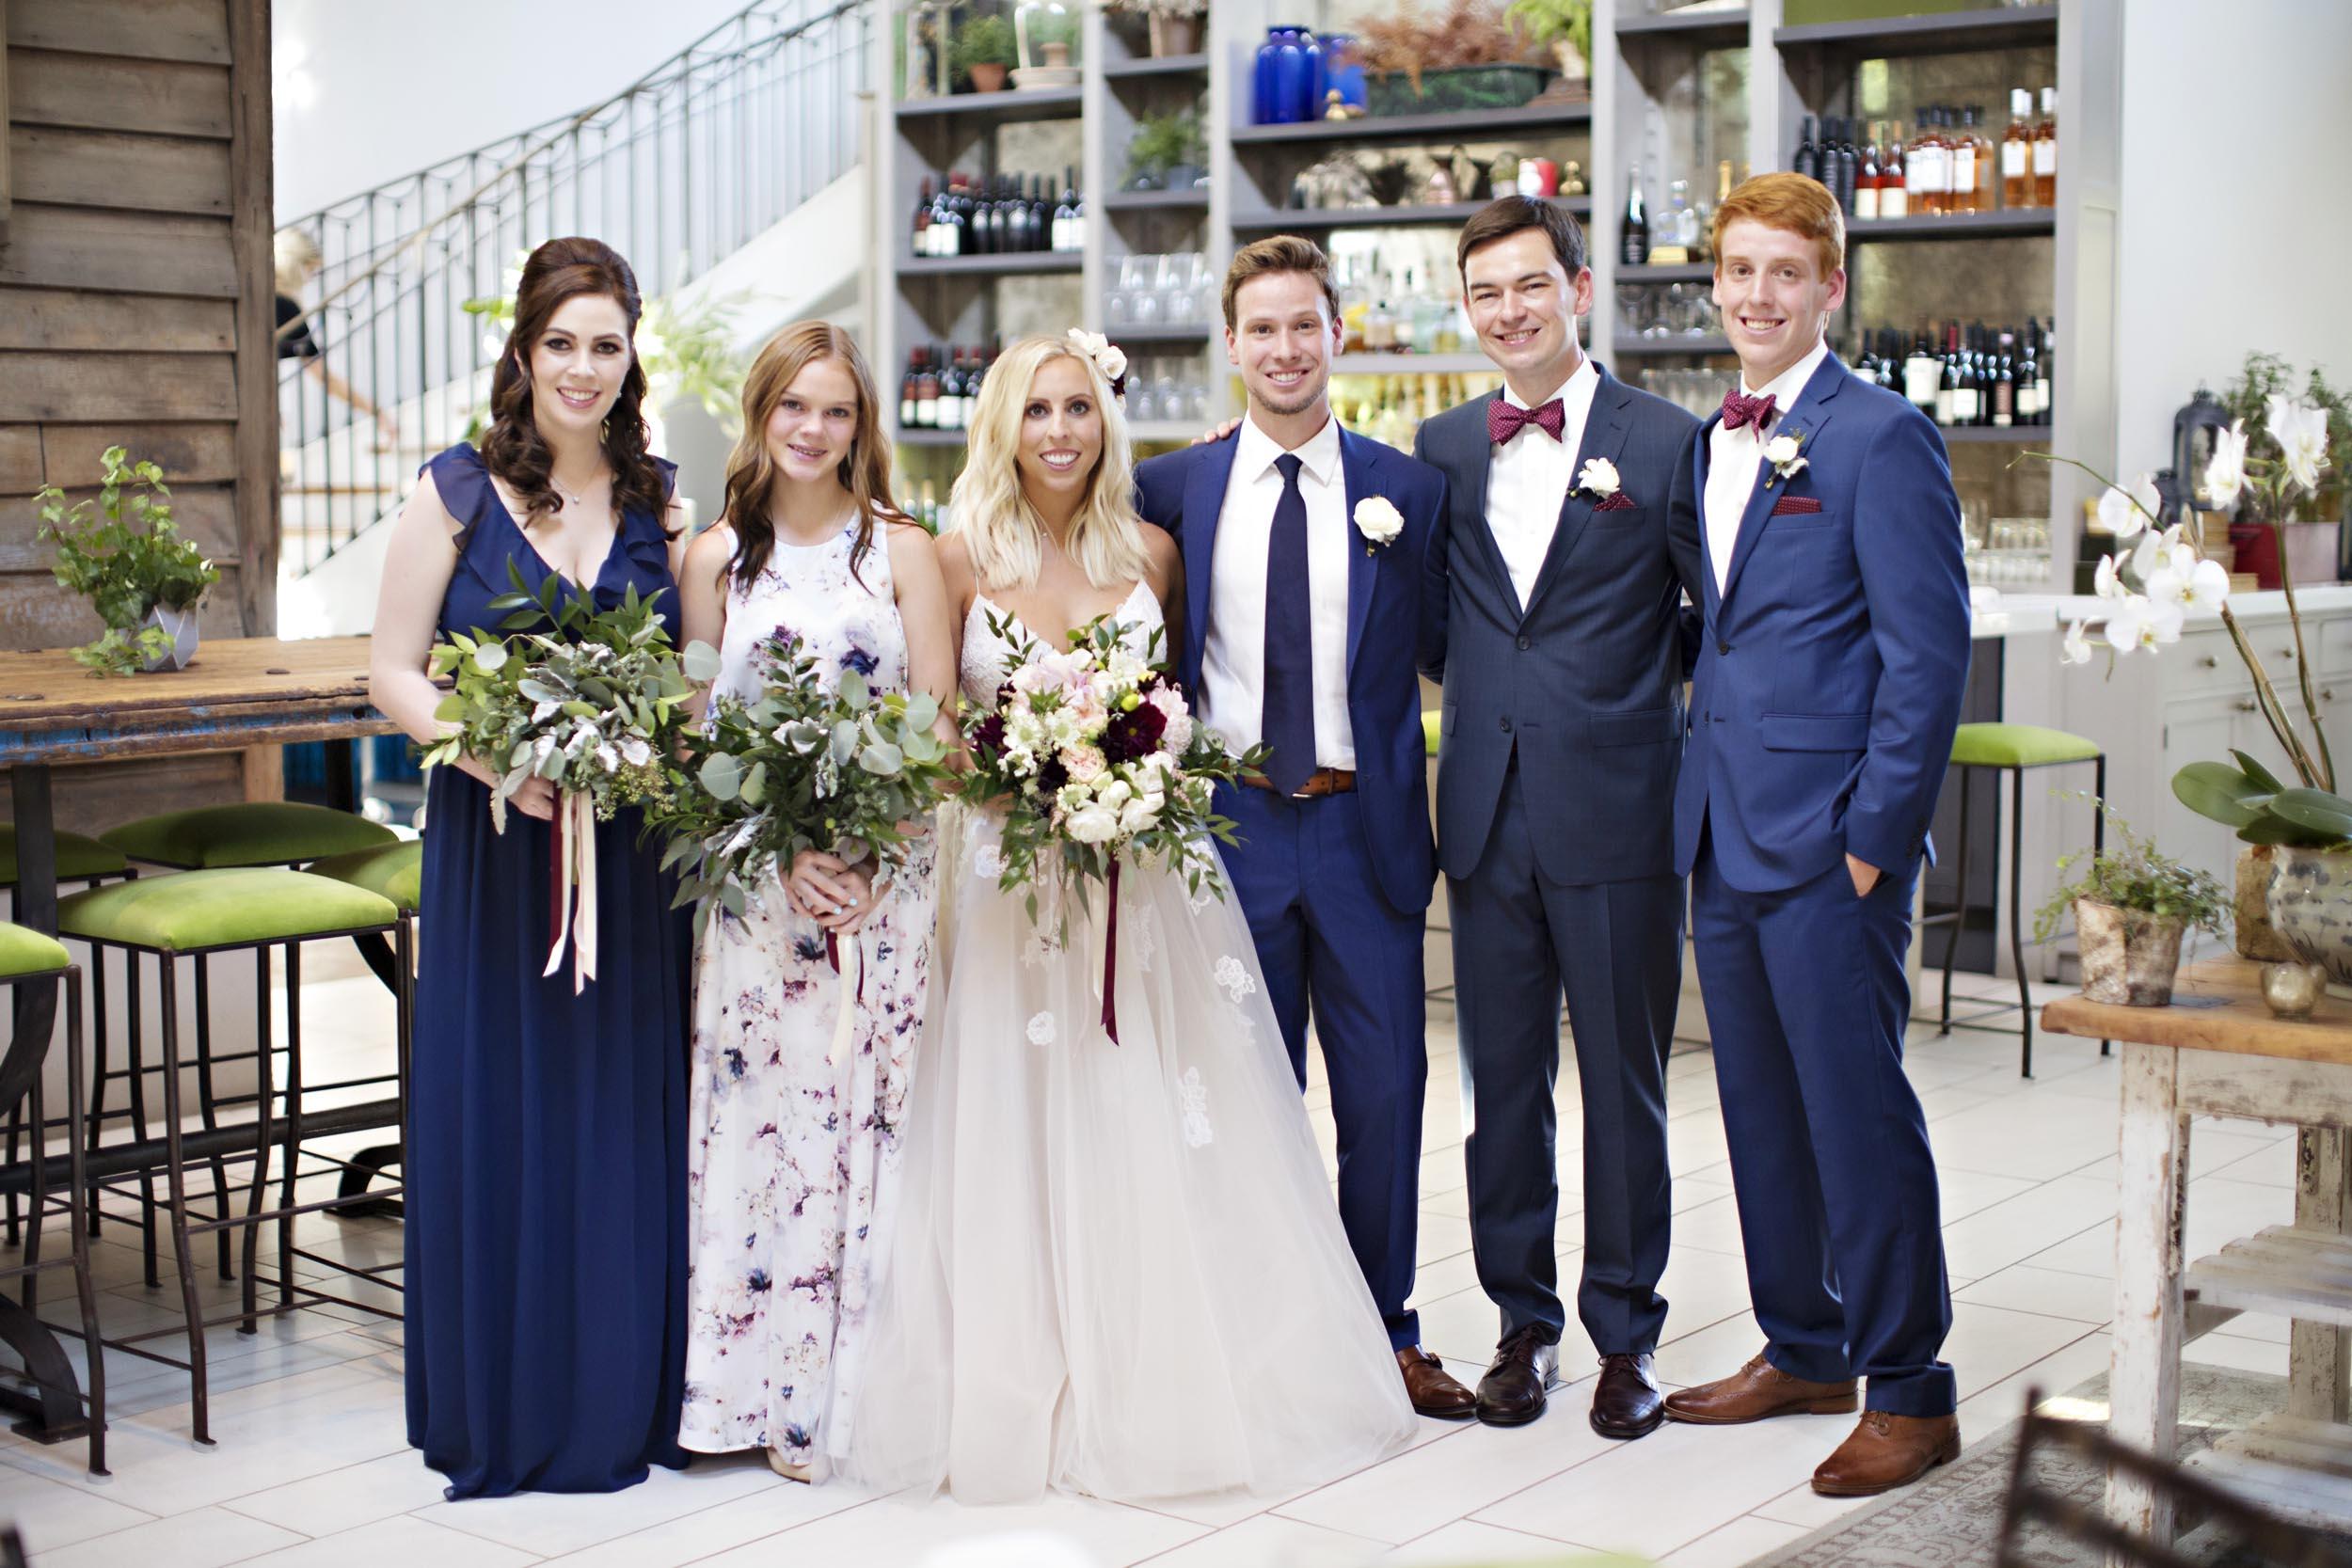 weddings-charleston17.JPG